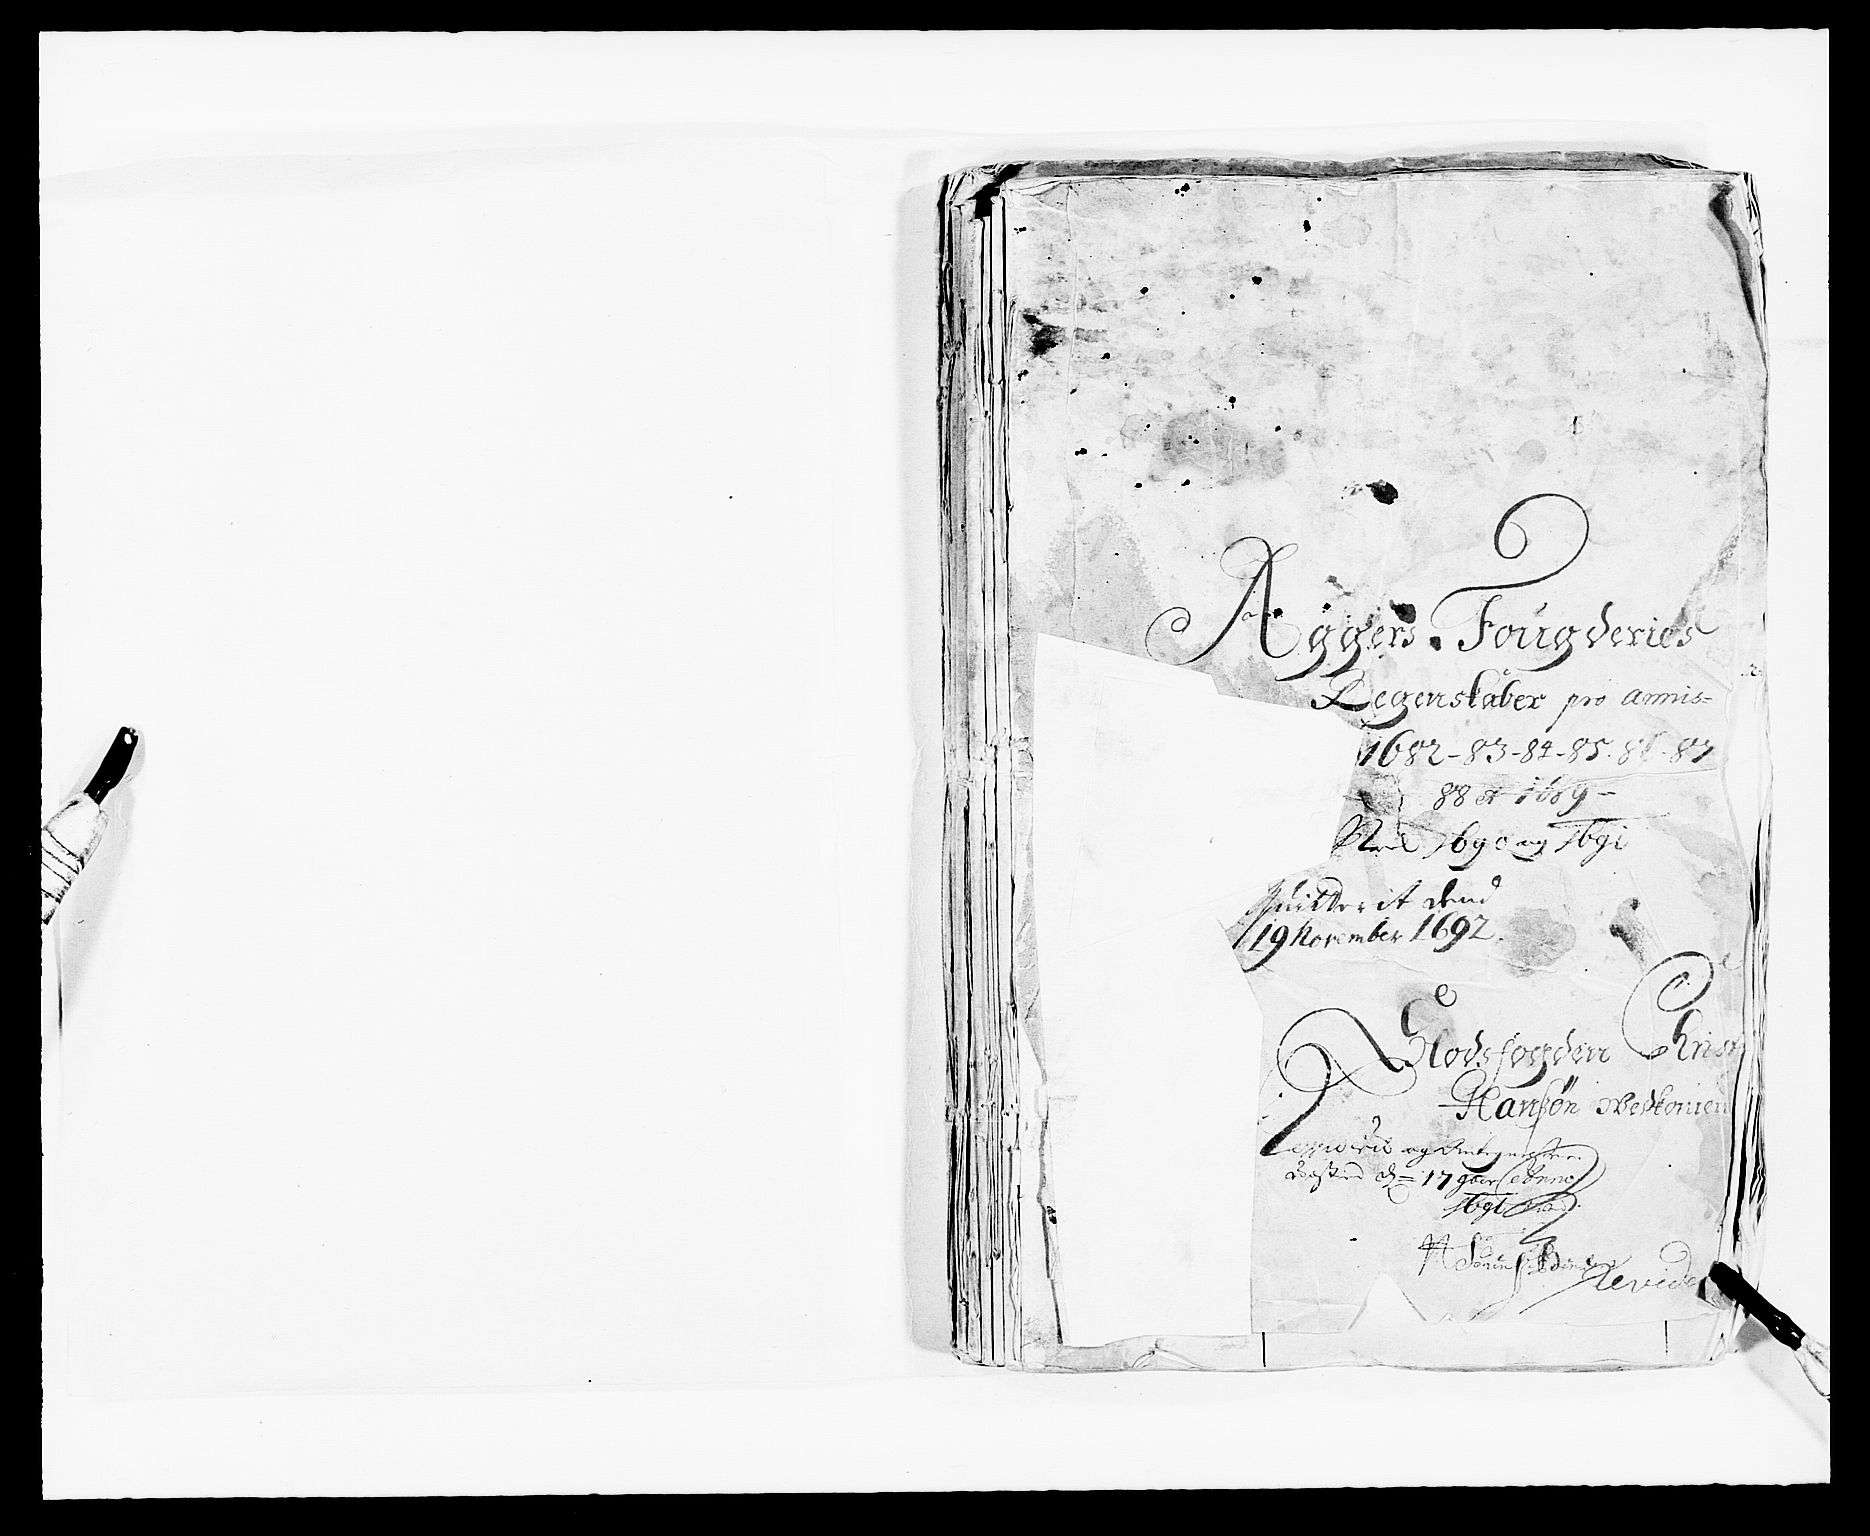 RA, Rentekammeret inntil 1814, Reviderte regnskaper, Fogderegnskap, R08/L0420: Fogderegnskap Aker, 1682-1691, s. 2